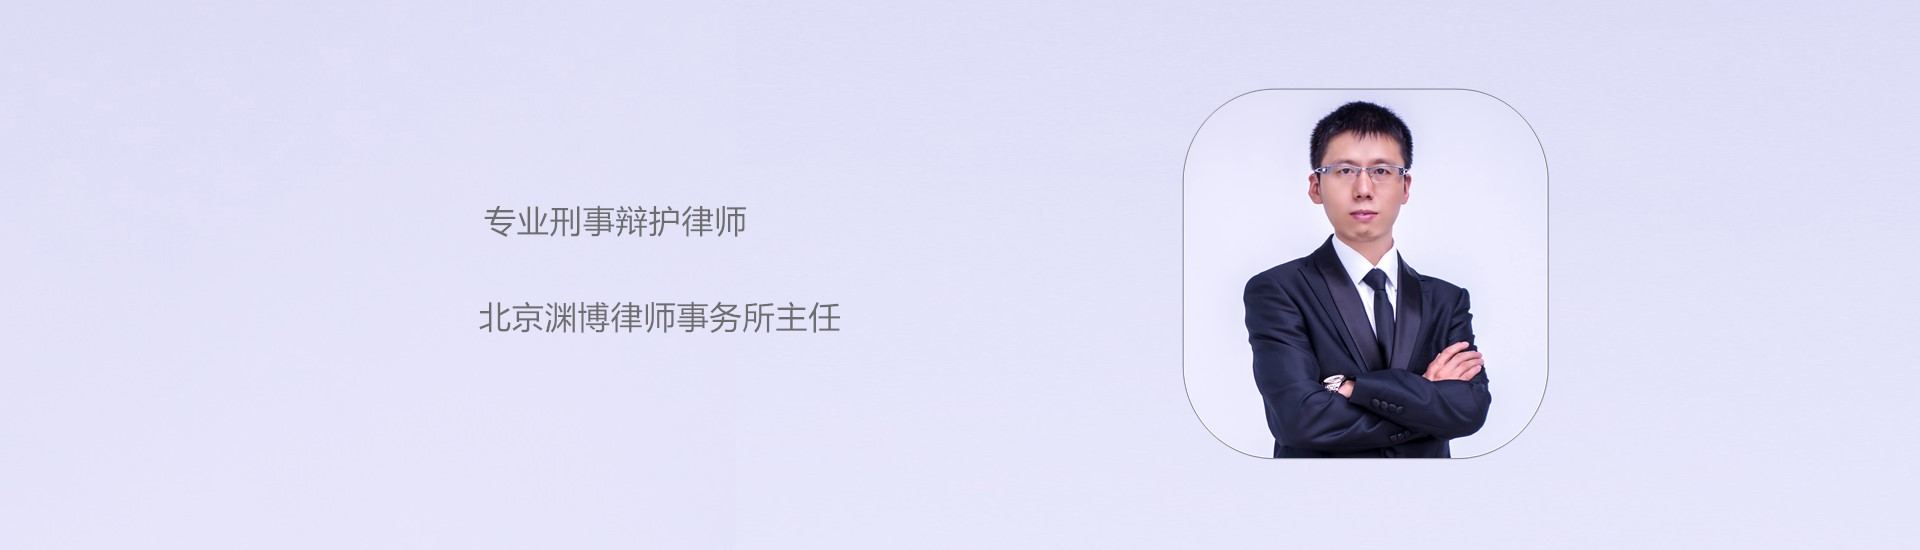 北京走私律师大图一